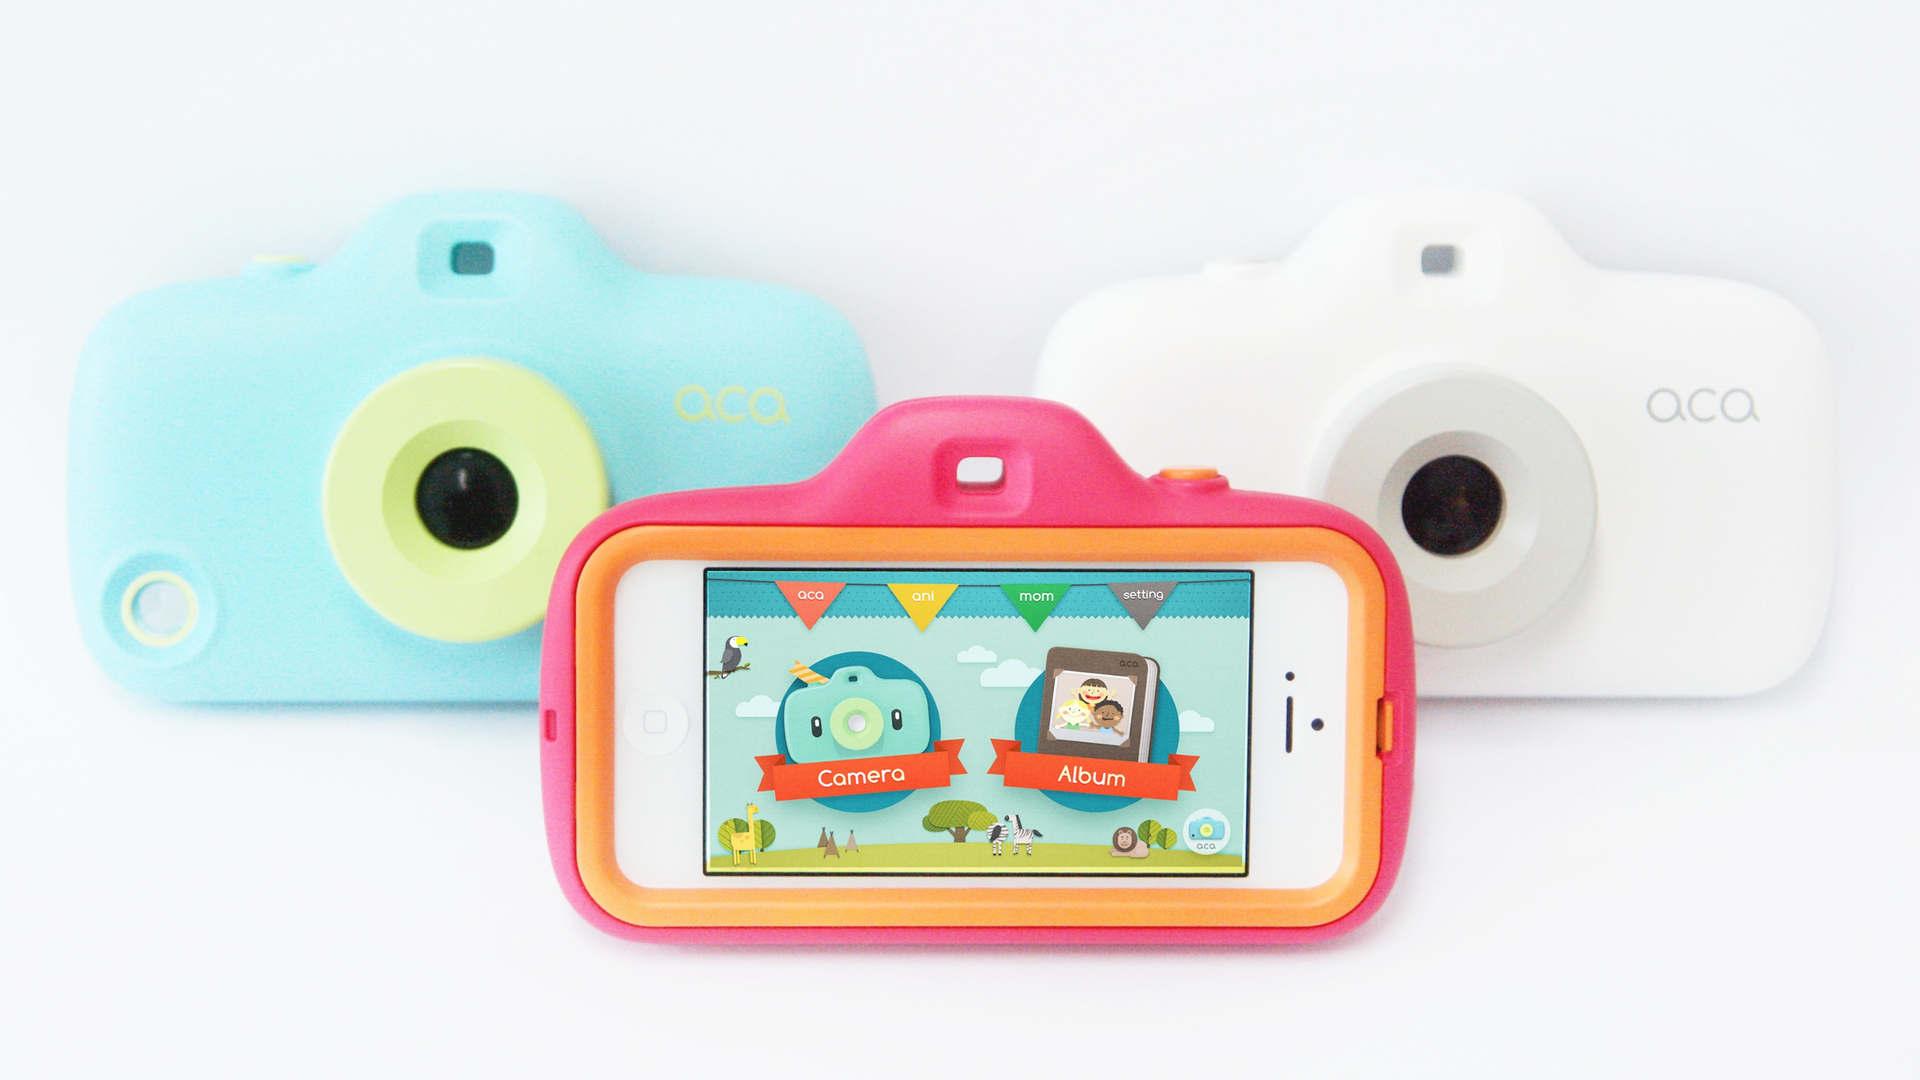 ACA Smart Case Toy